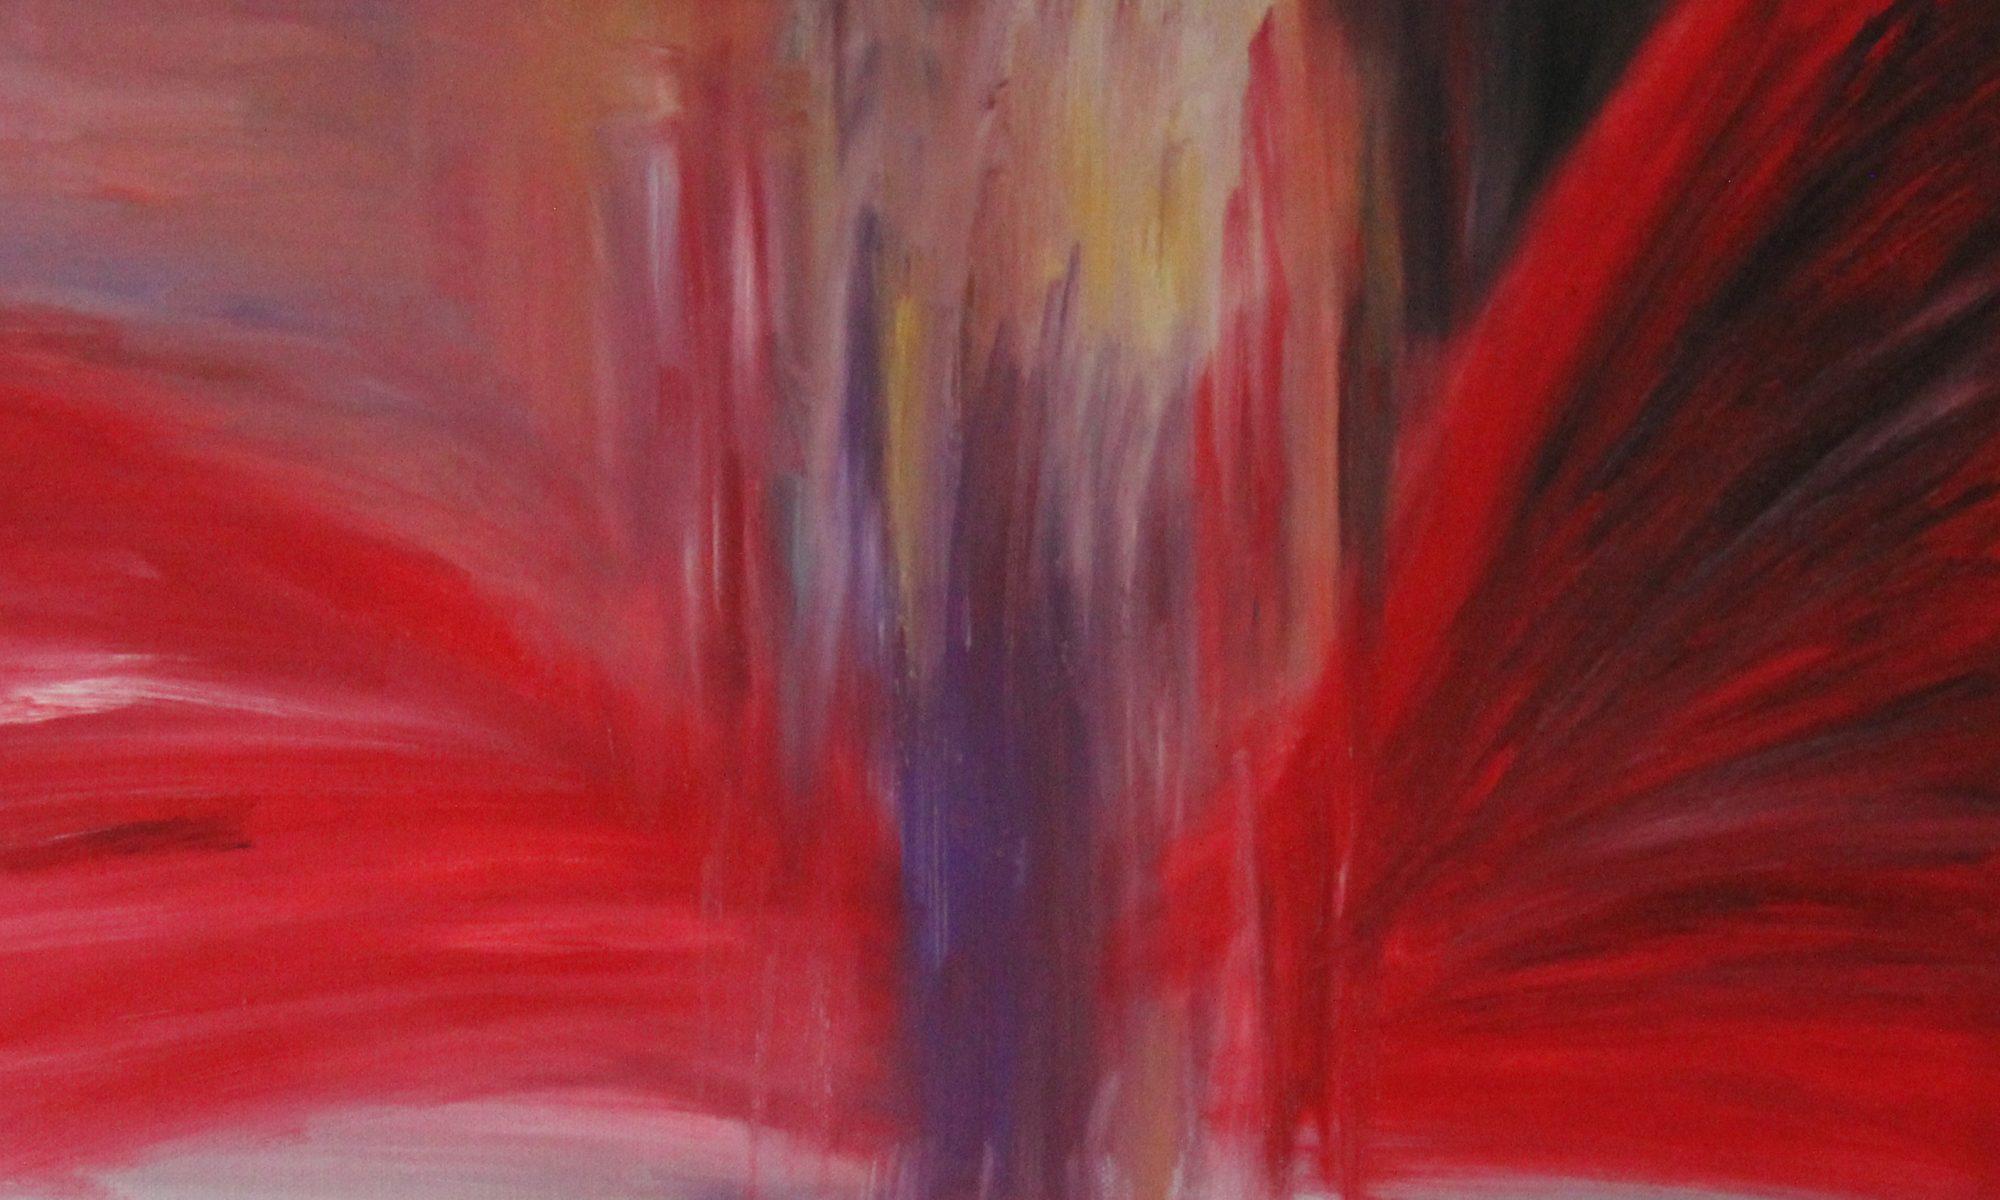 heiliger Geist - Rote Welt